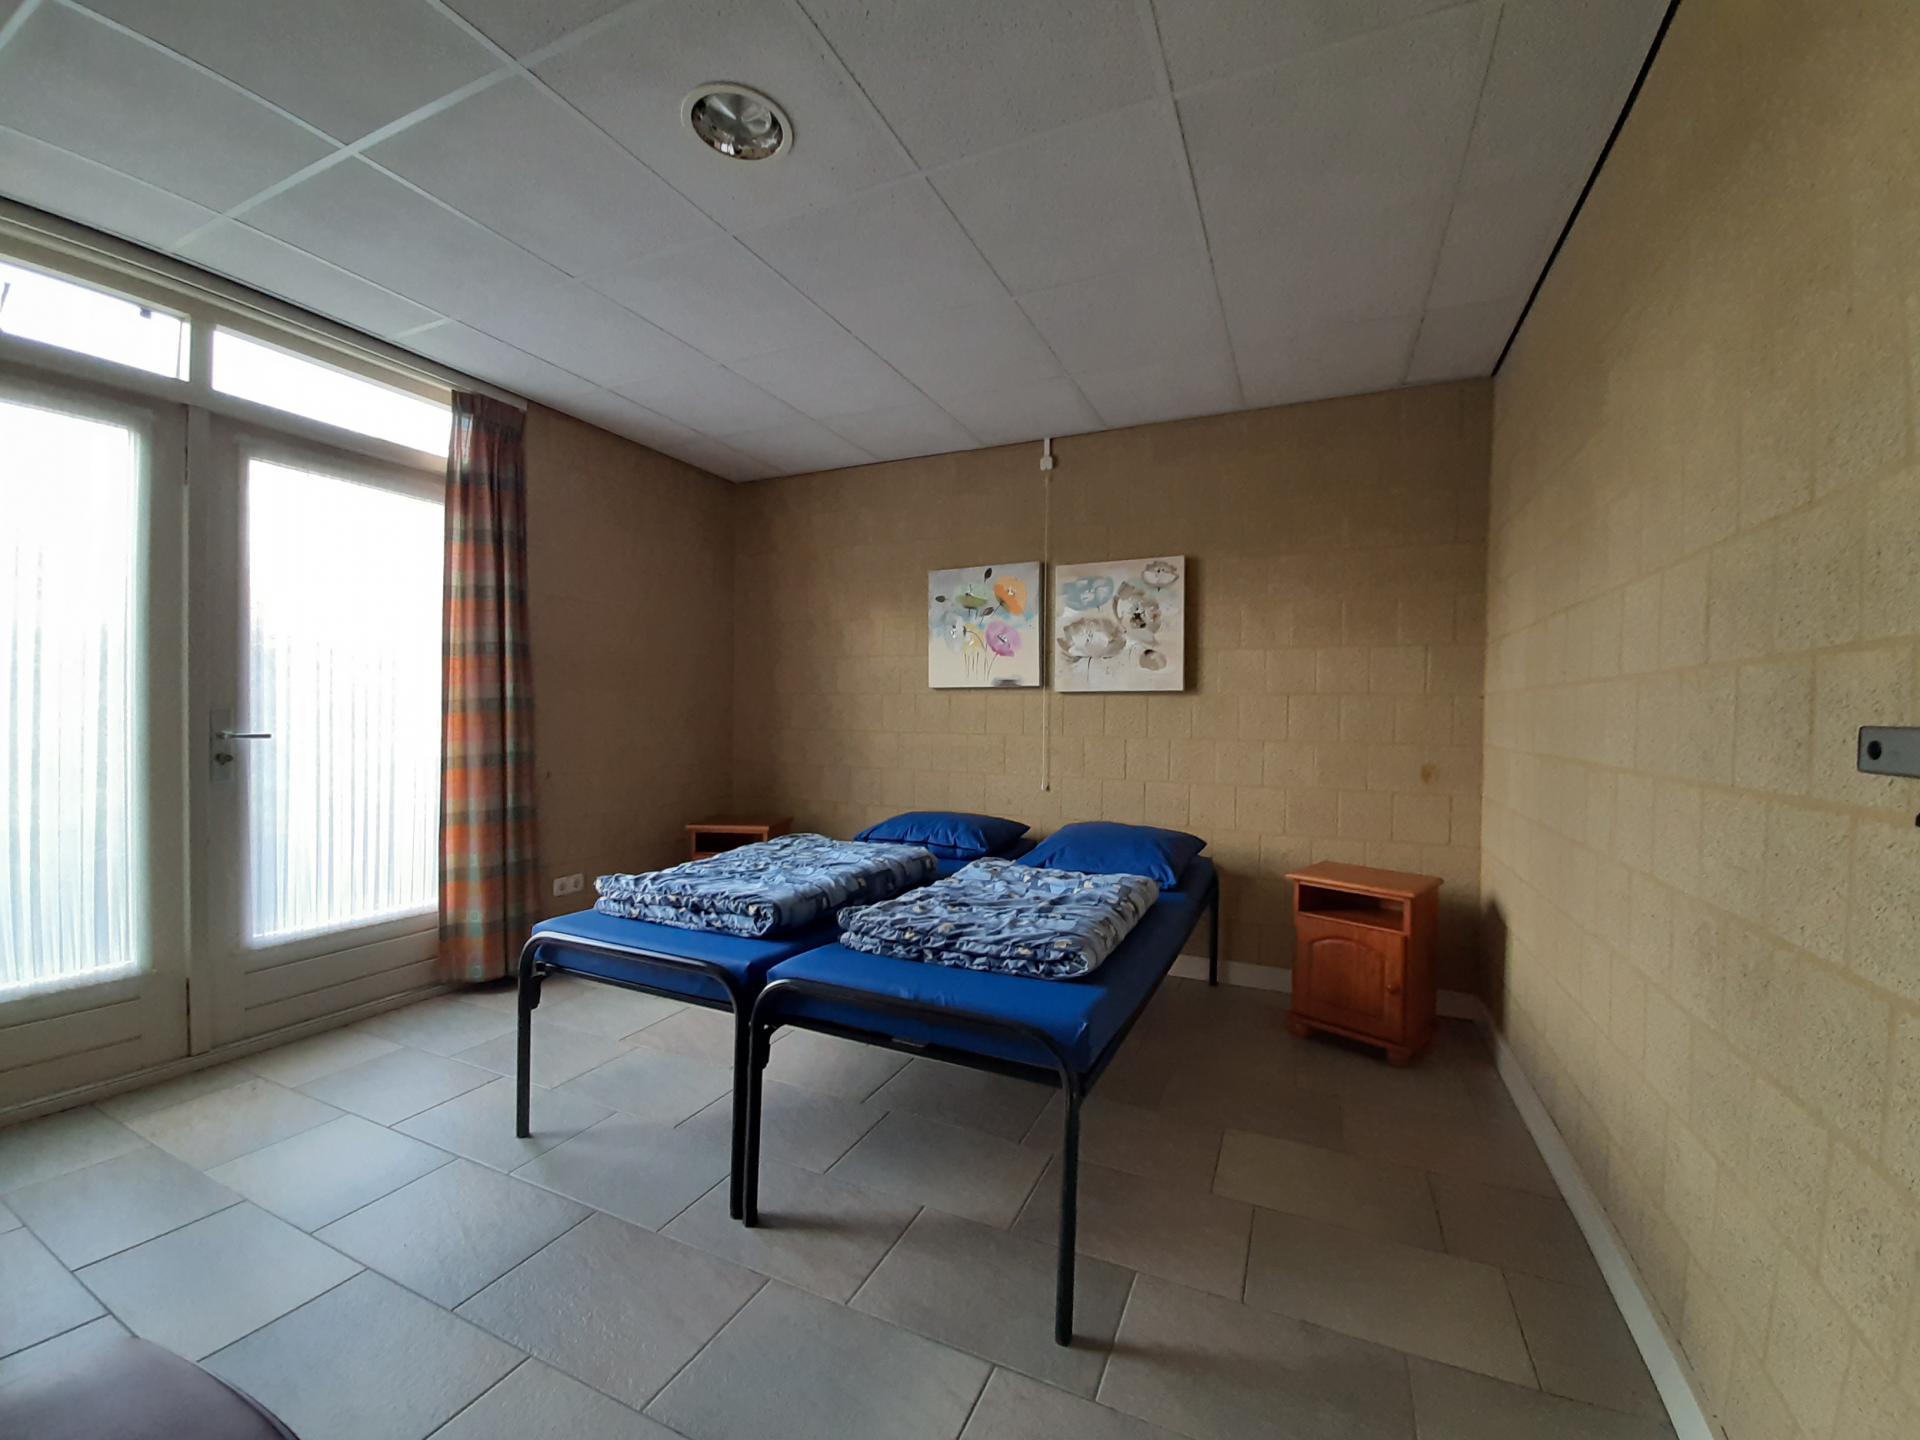 slaapkamer met 2 verhoogde bedden